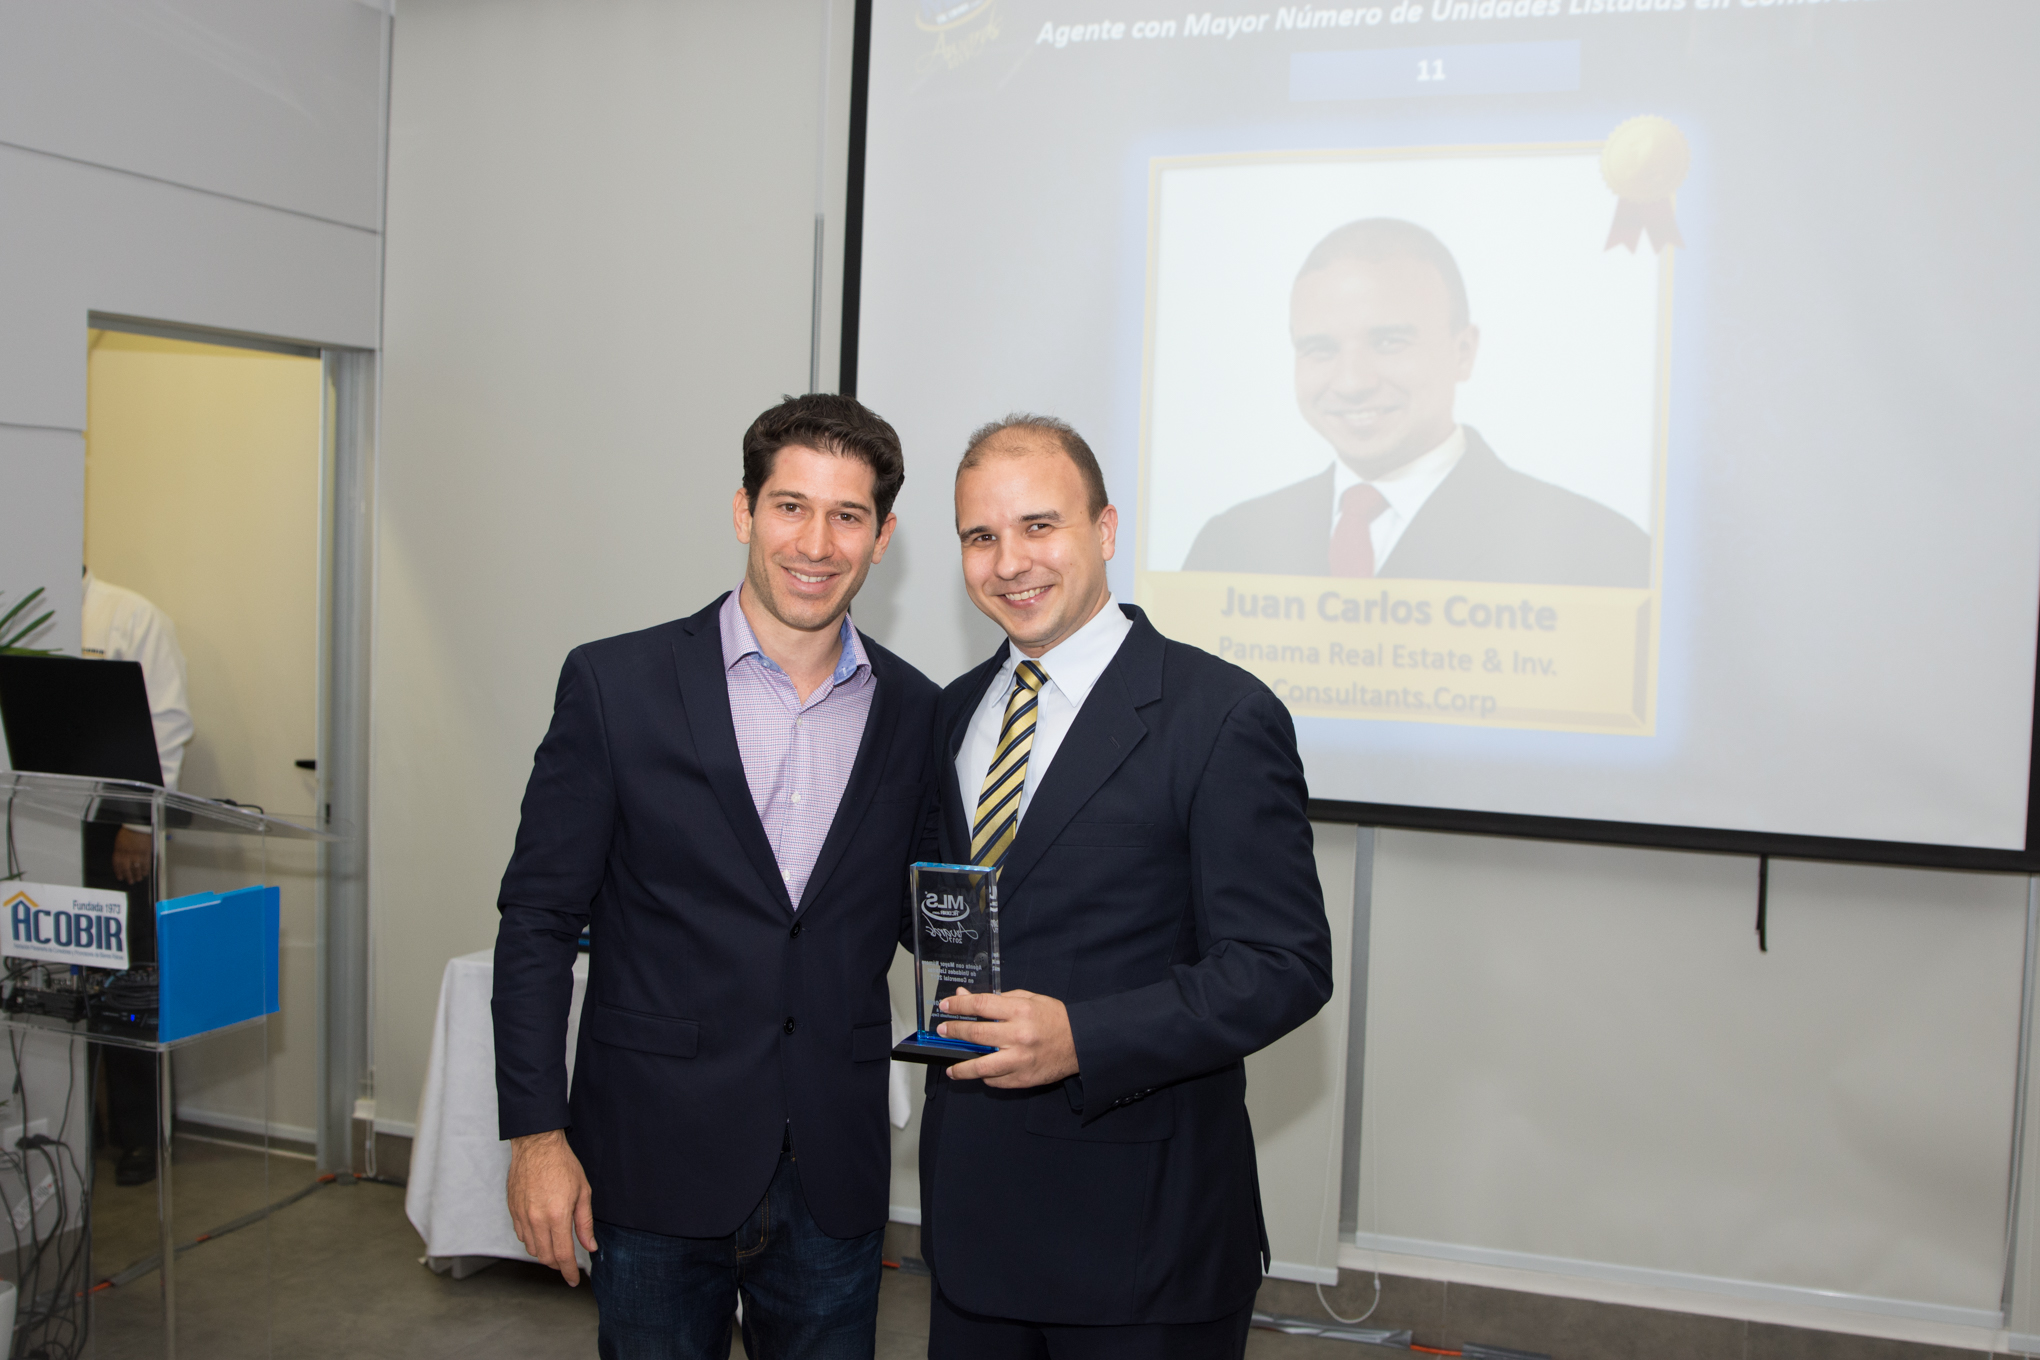 David Dabah y Juan Carlos Conte